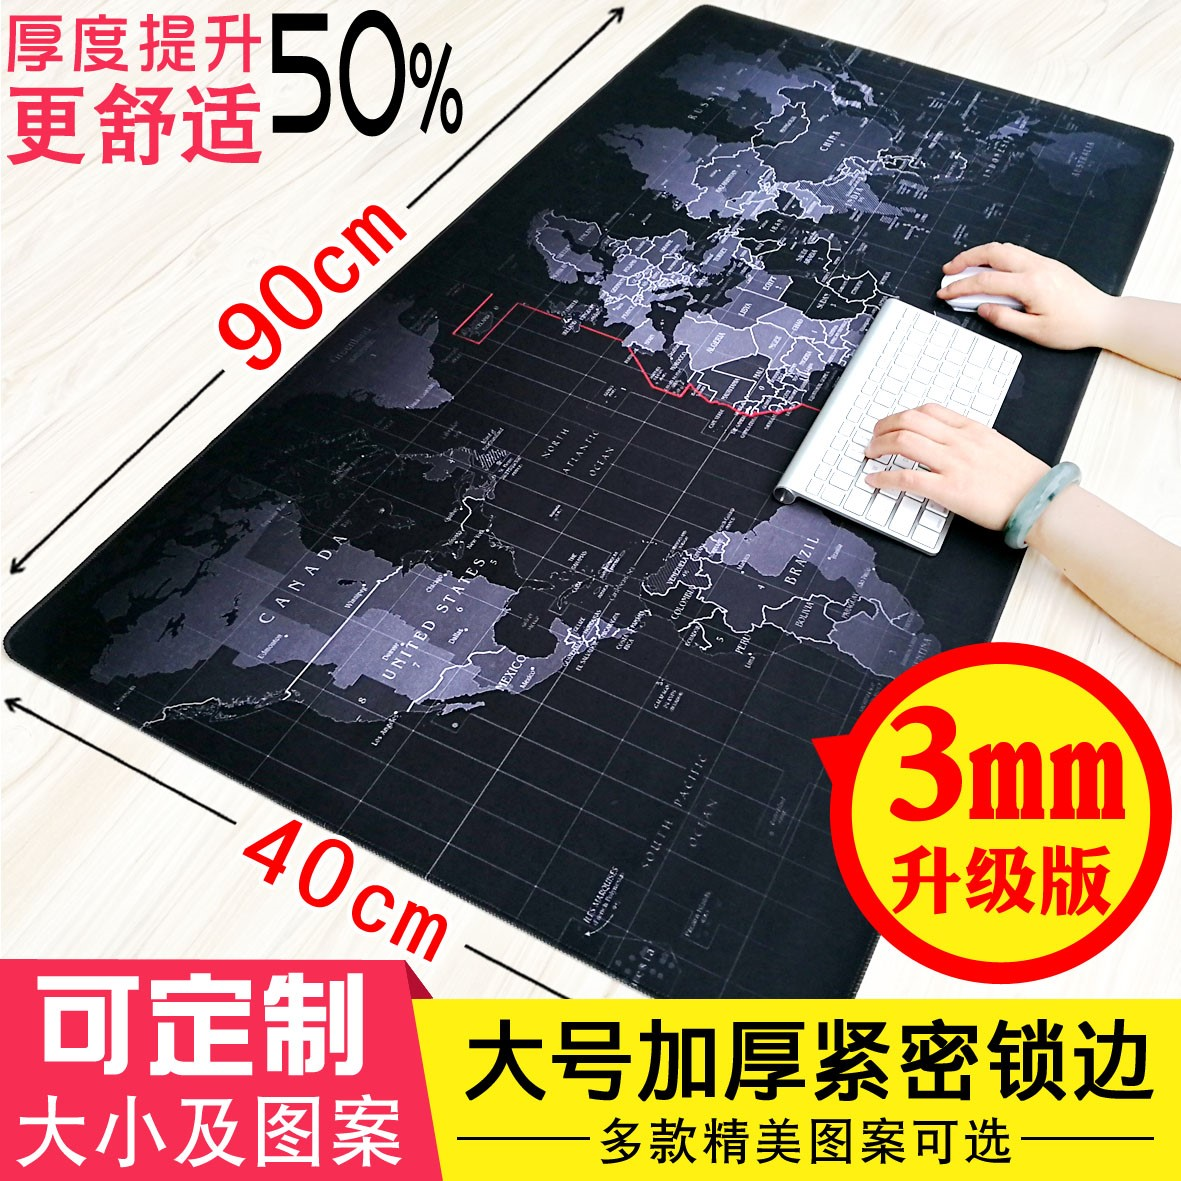 硅胶 软垫可卷曲 办公桌垫 40 90 鼠标垫 超大硅胶桌面垫